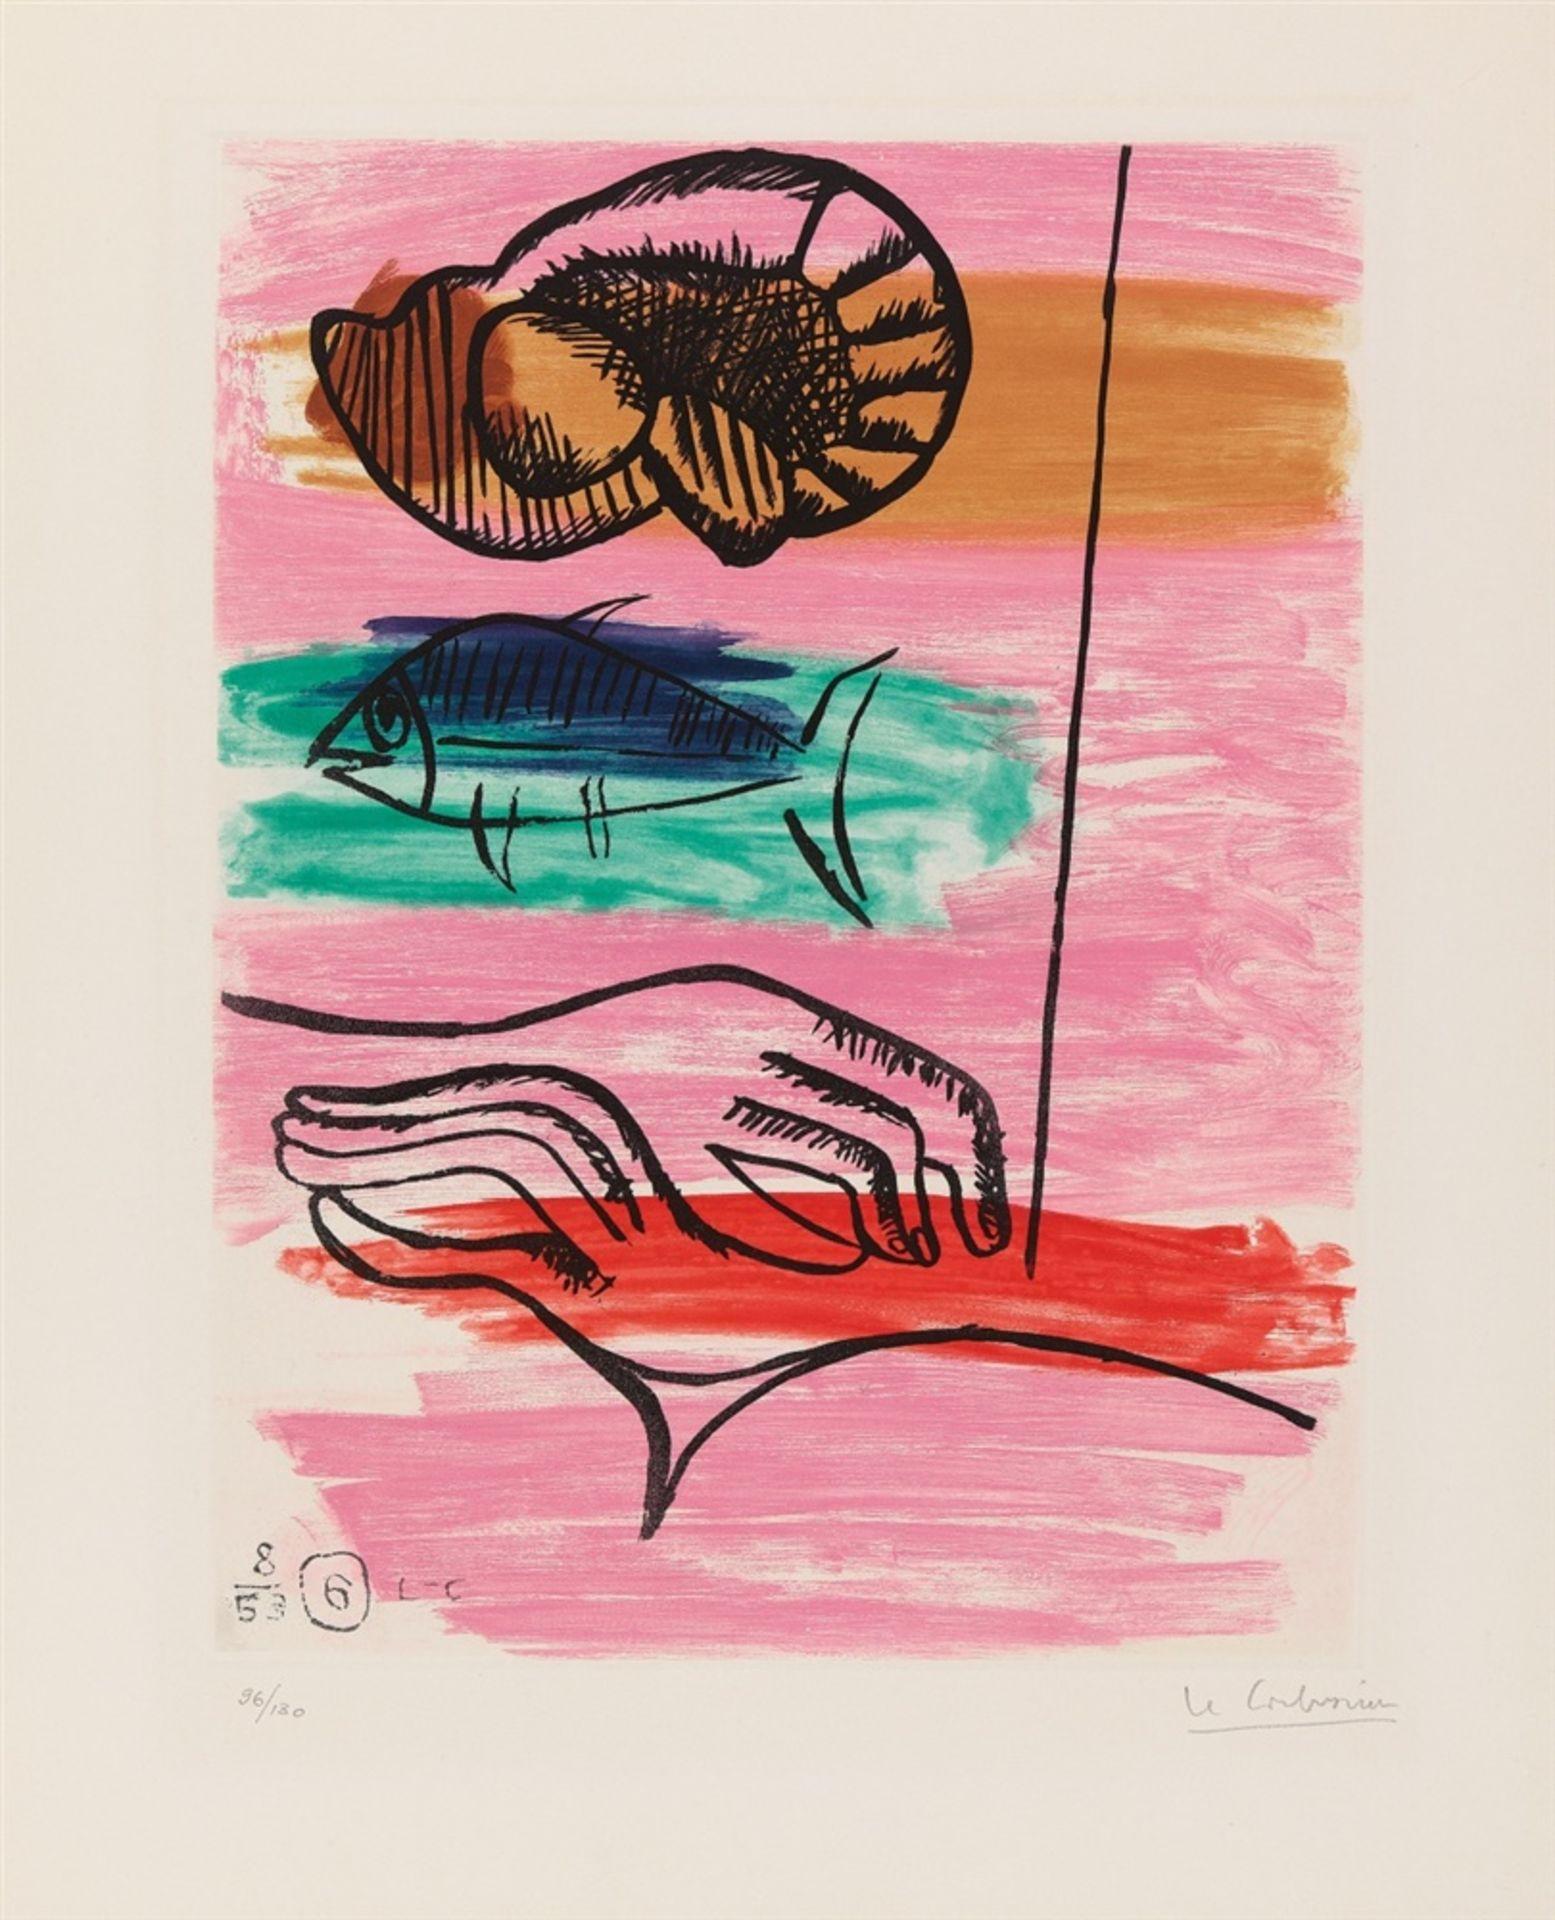 Le Corbusier (Charles-Édouard Jeanneret)Unité - Bild 15 aus 27